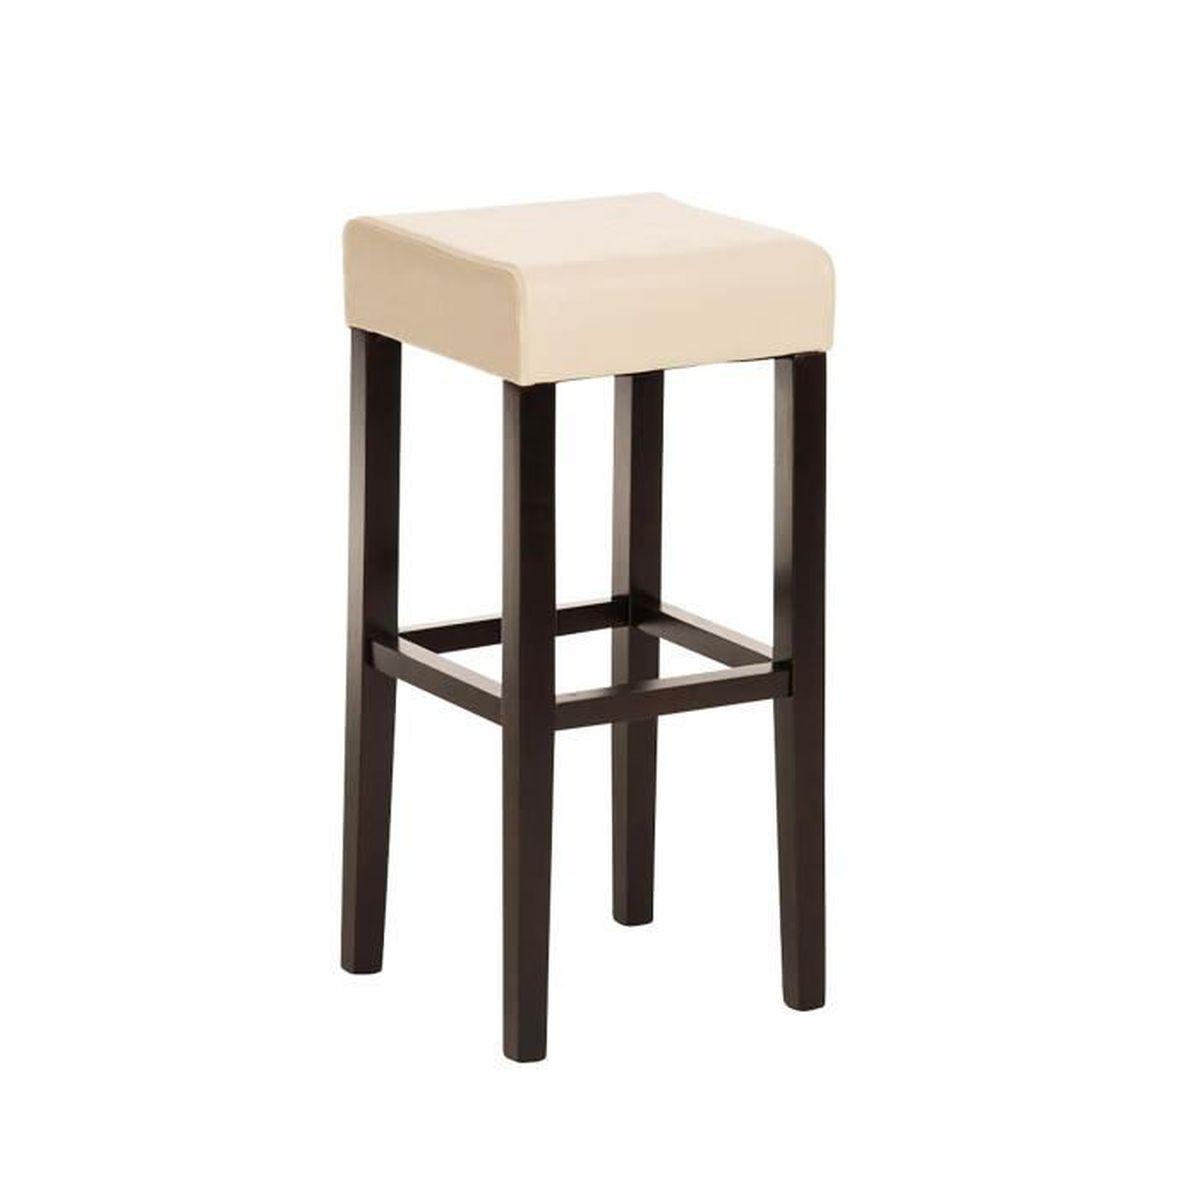 tabouret de bar en bois avec si 232 ge en simili cuir cappuccino cr 232 me 80 x 37 x 37 cm achat